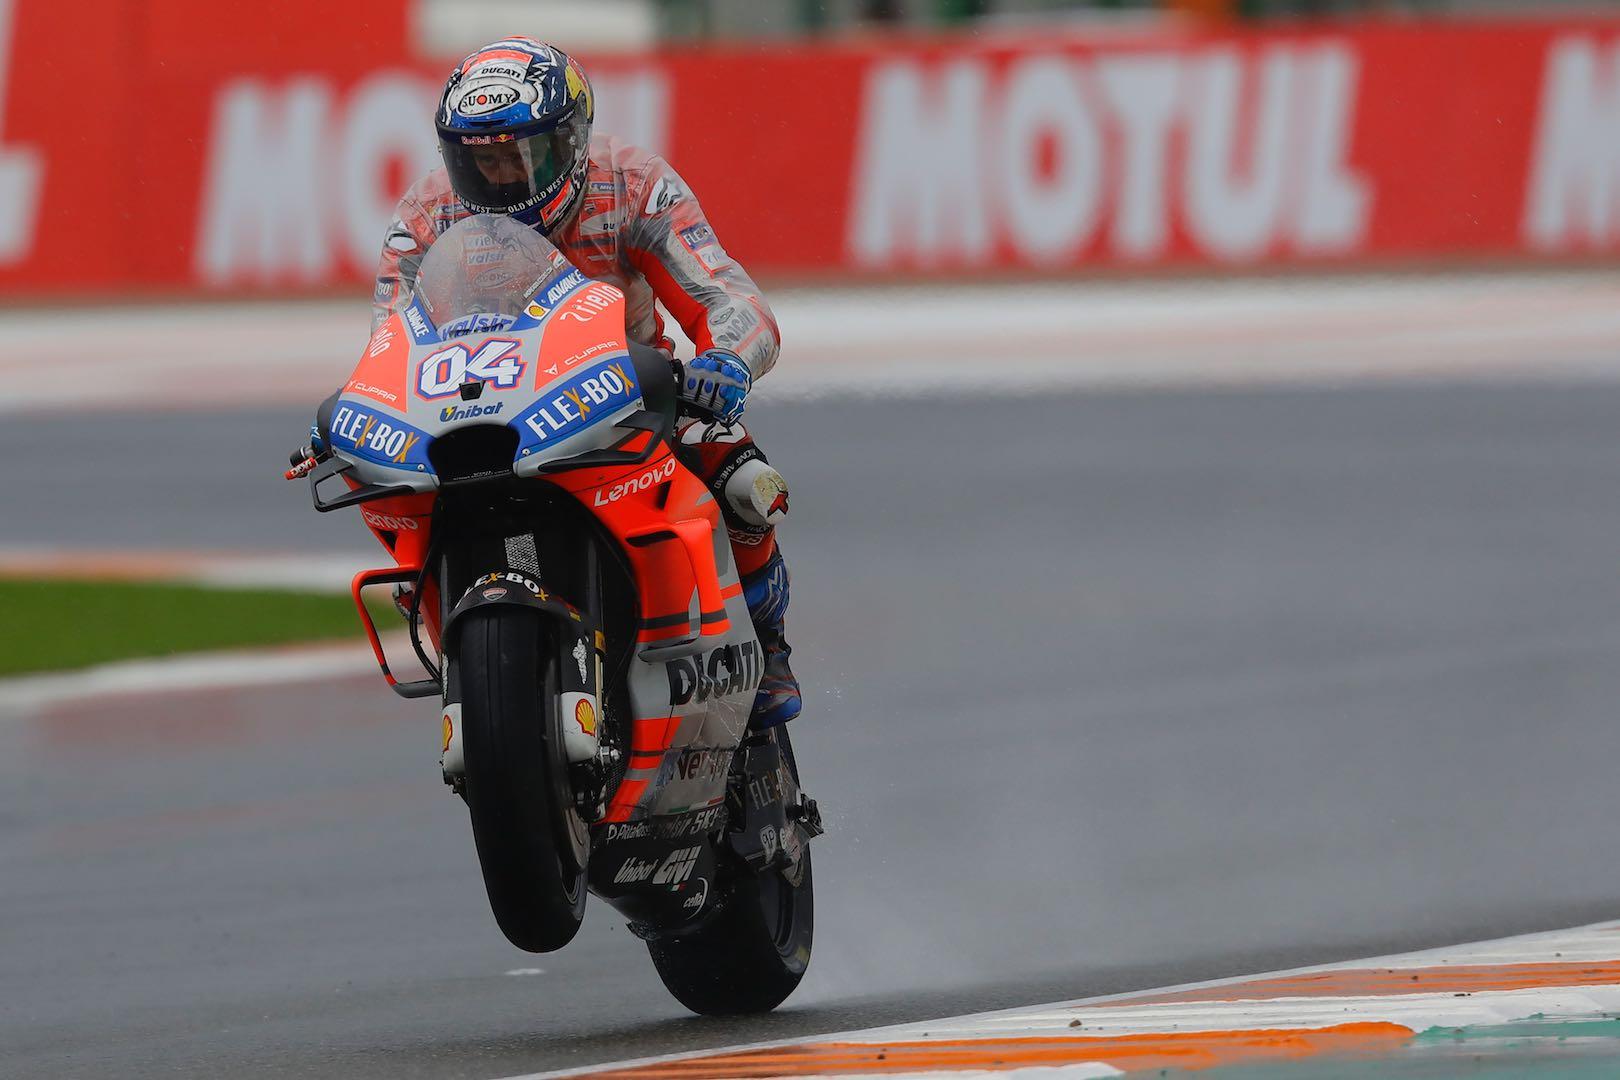 Valencia MotoGP Friday Practice Ducati Andrea Dovizioso